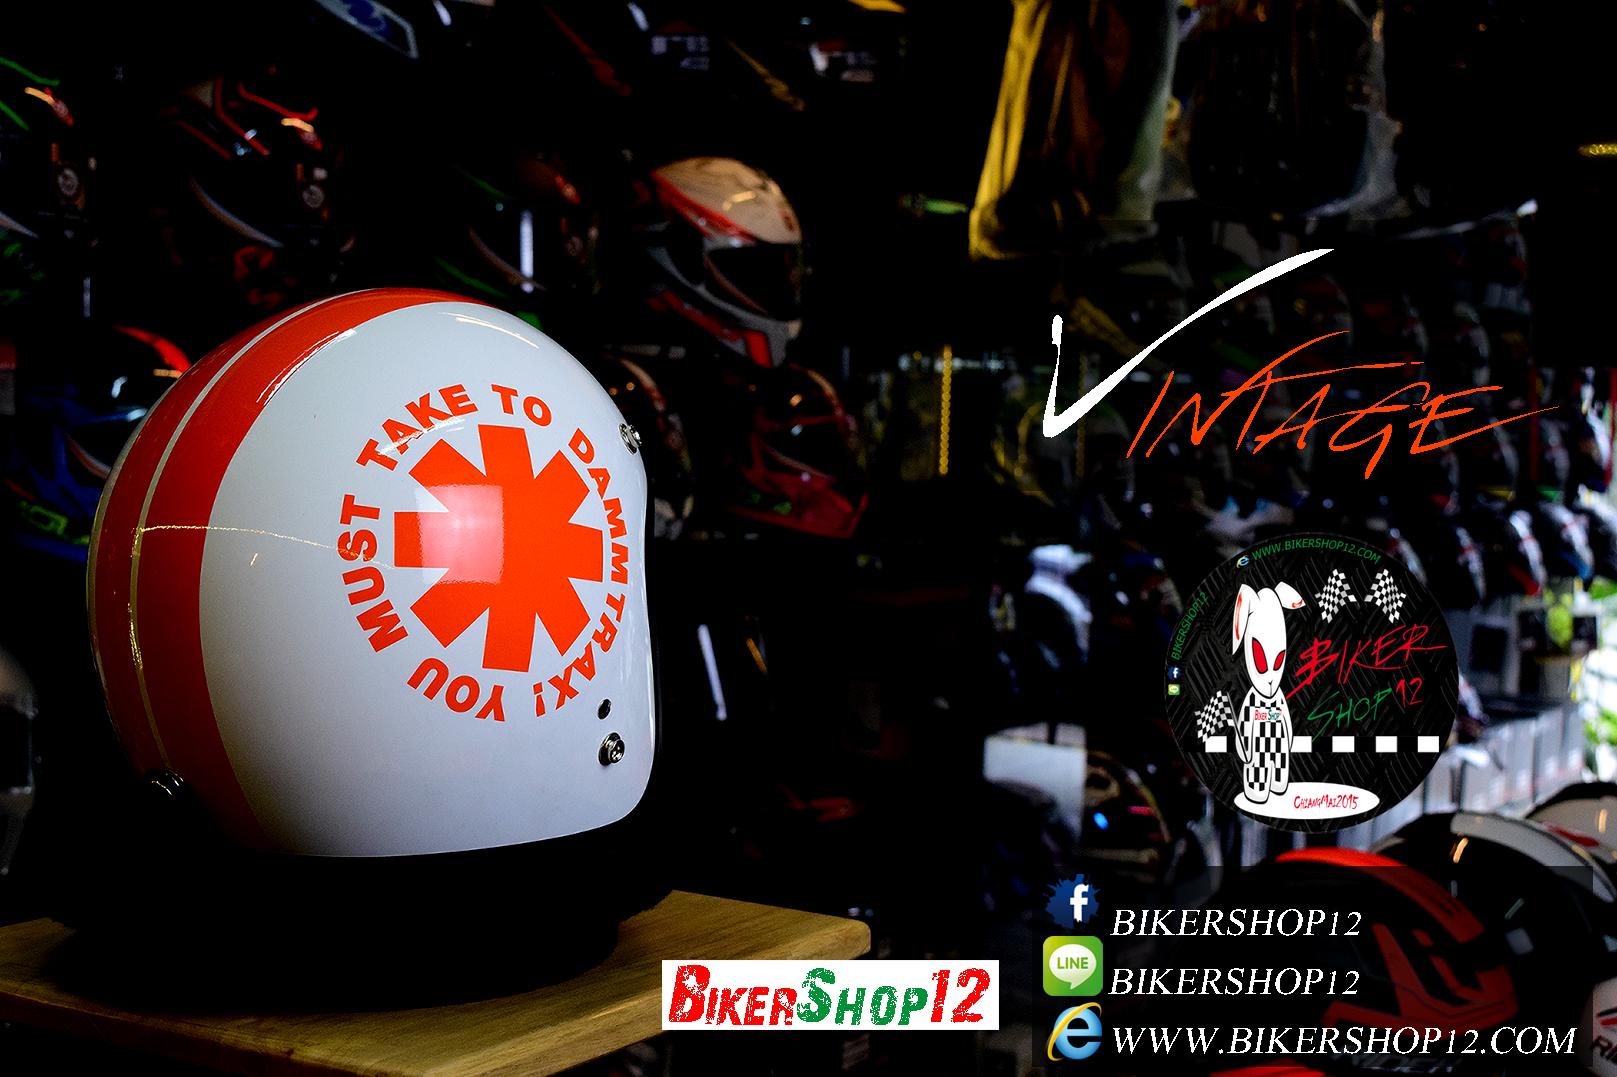 หมวกกันน็อคคลาสสิก 5เป๊ก สีขาวลายส้ม (LB Speed Wheel) สำเนา